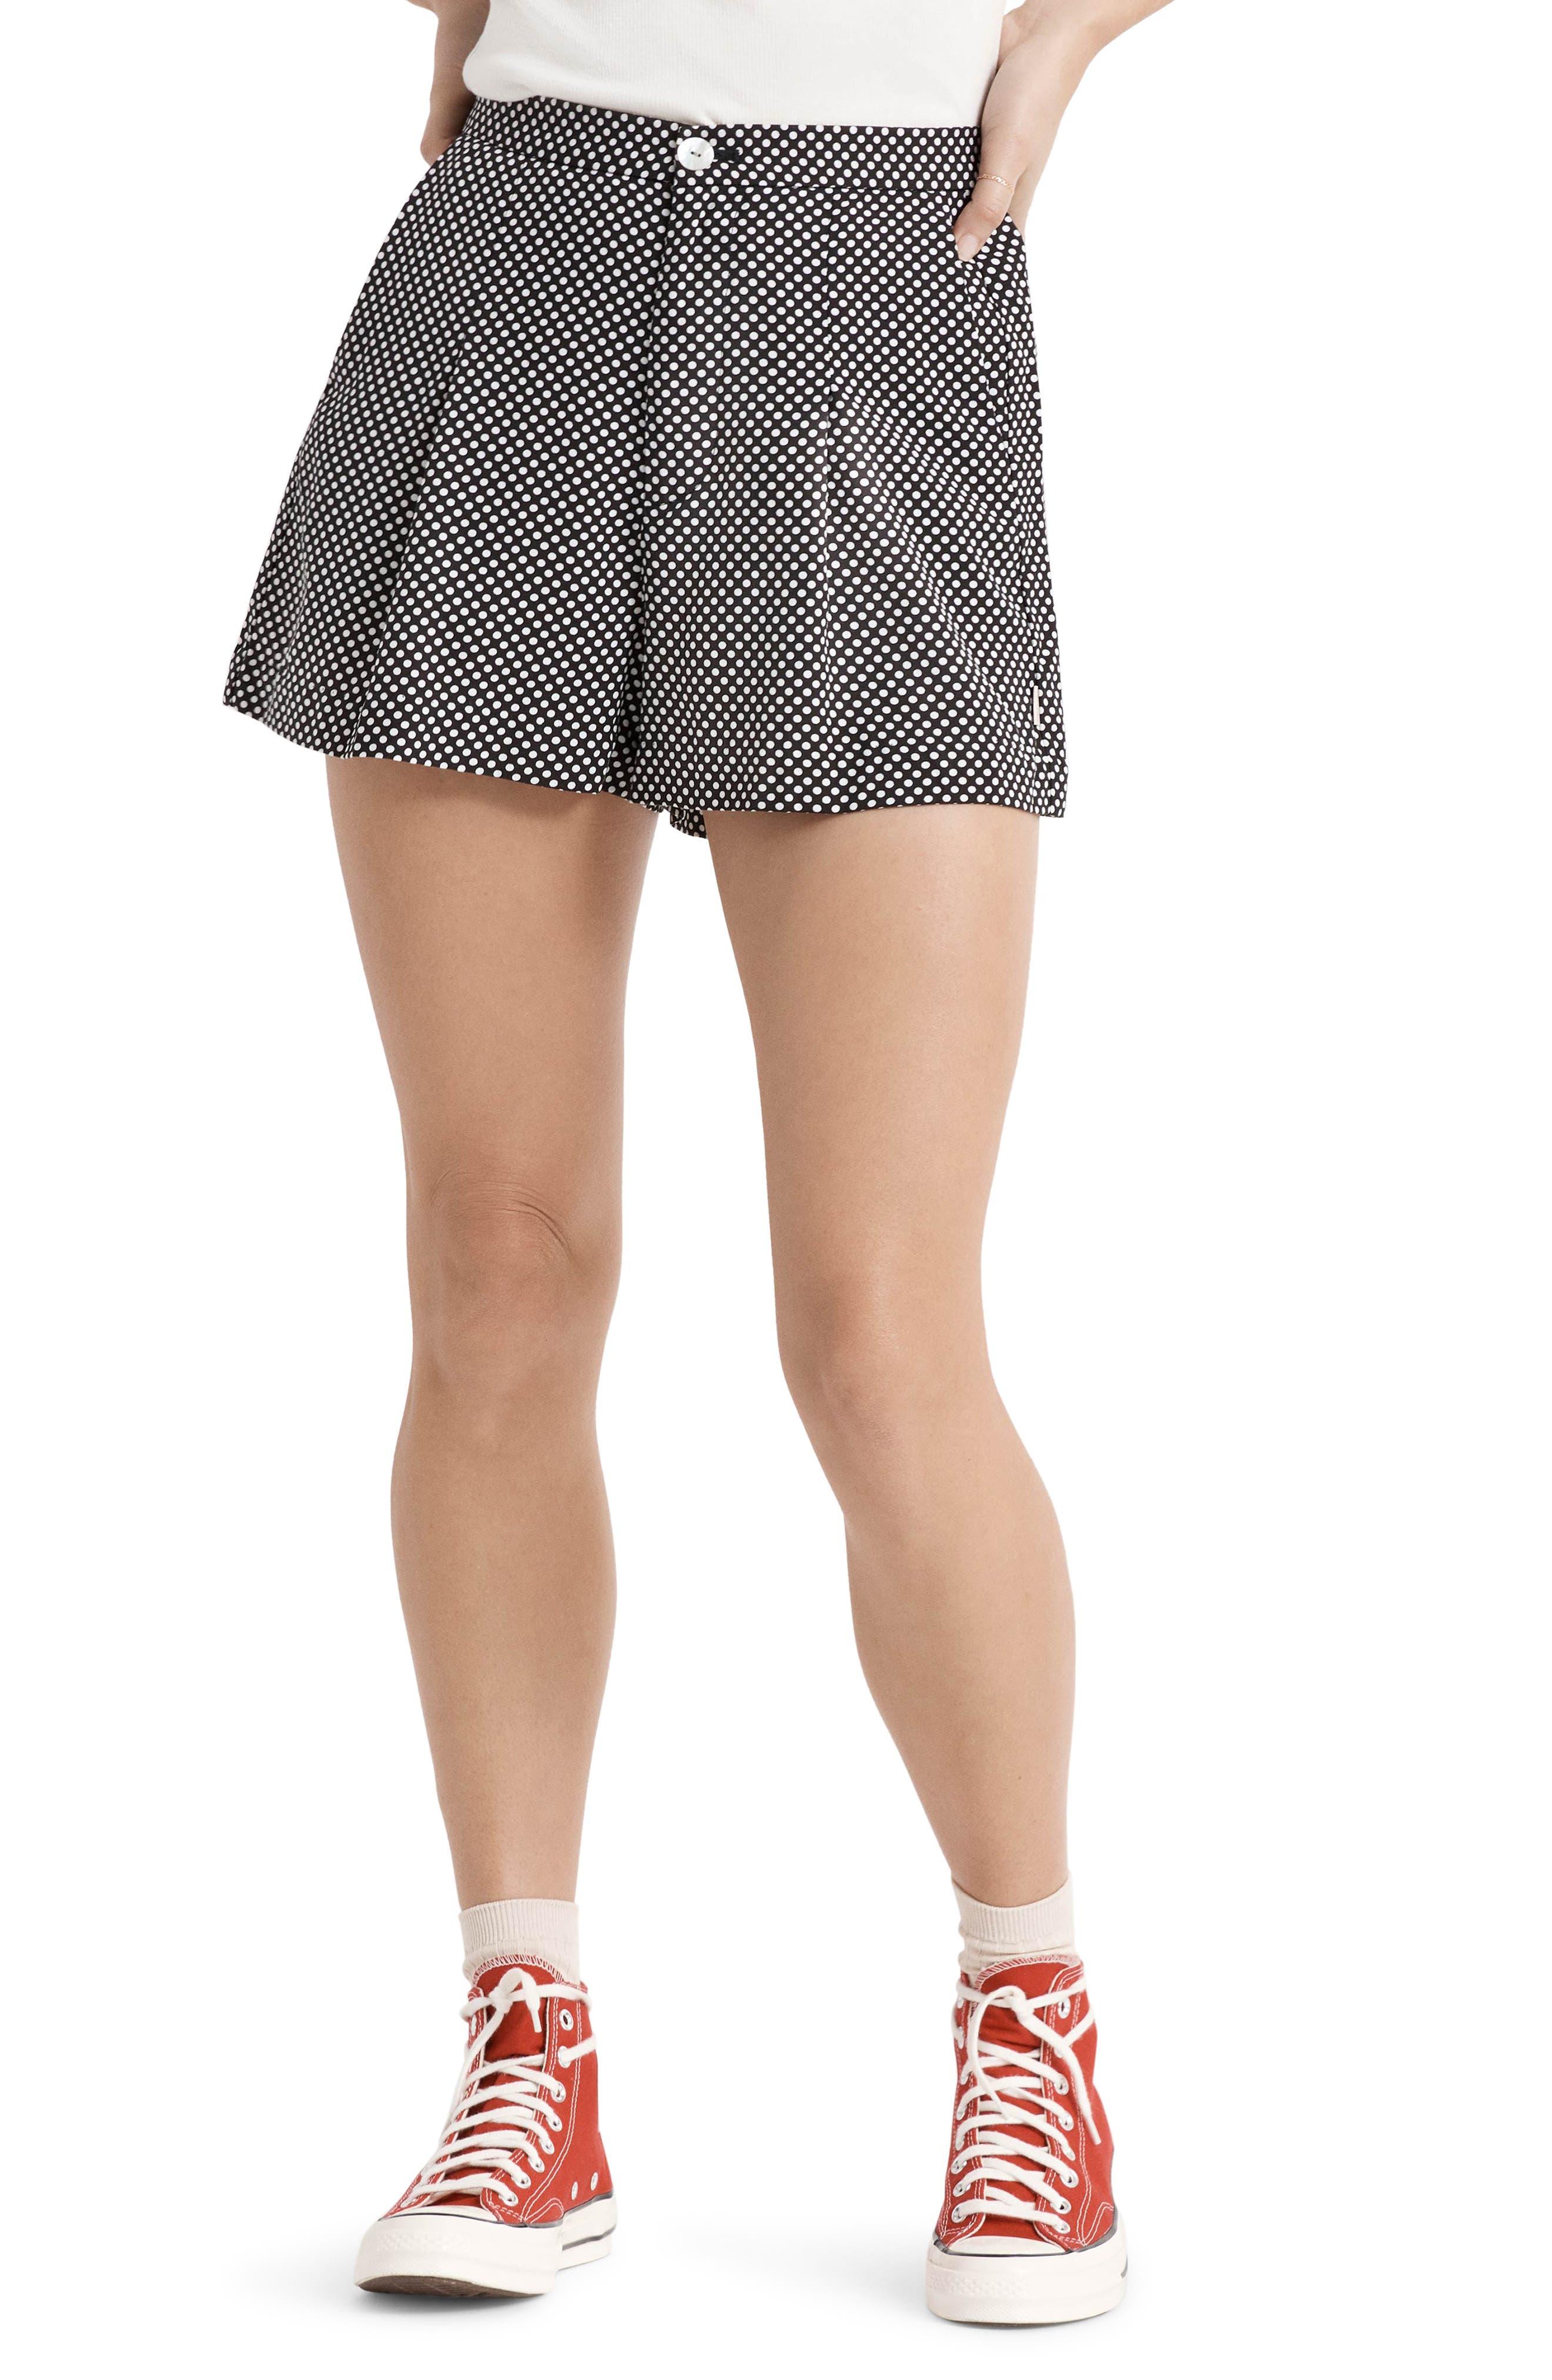 Night Fever Polka Dot Shorts